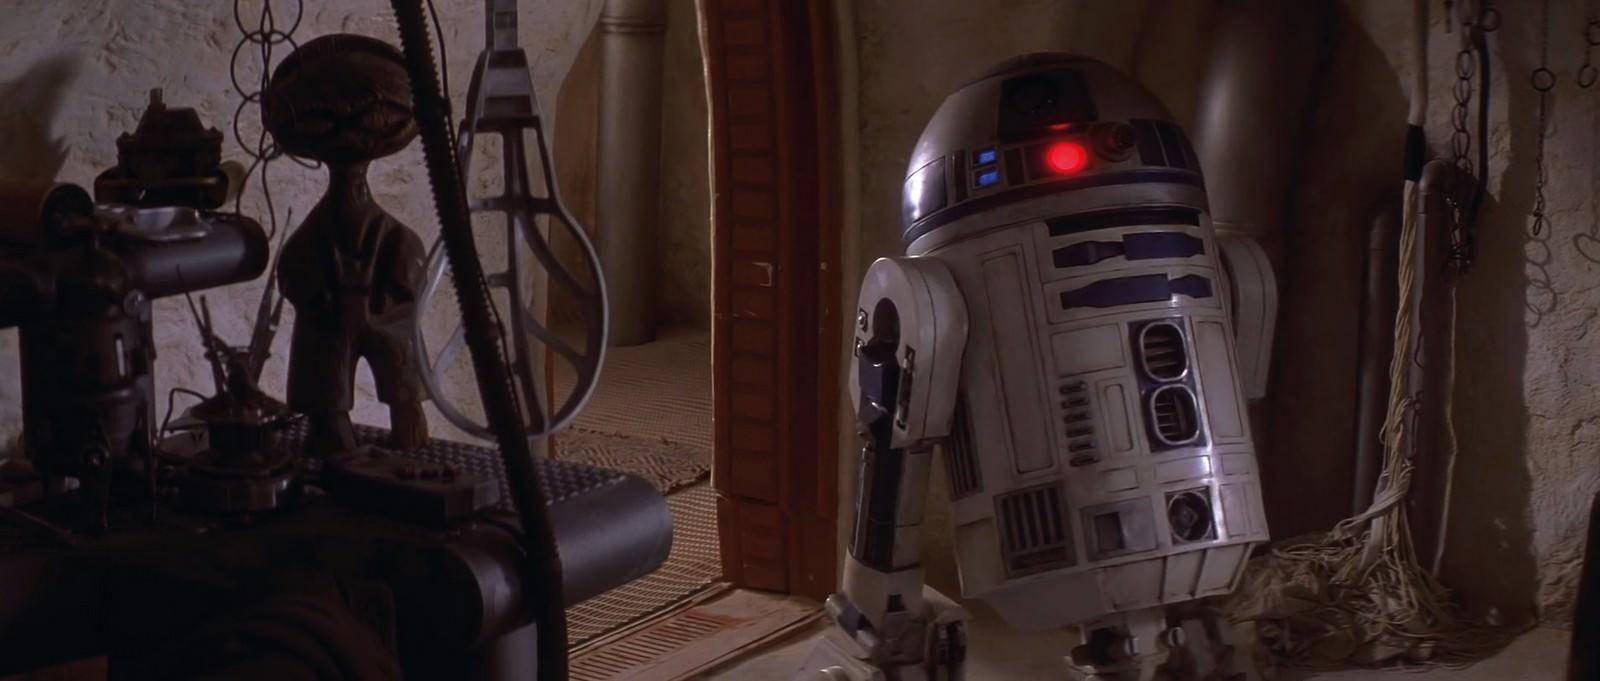 Movie, Star Wars: Episode I - The Phantom Menace(美國, 1999) / 星際大戰首部曲:威脅潛伏(台灣) / 星球大战前传:幽灵的威胁(中國) / 星球大戰前傳:魅影危機(香港), 電影劇照